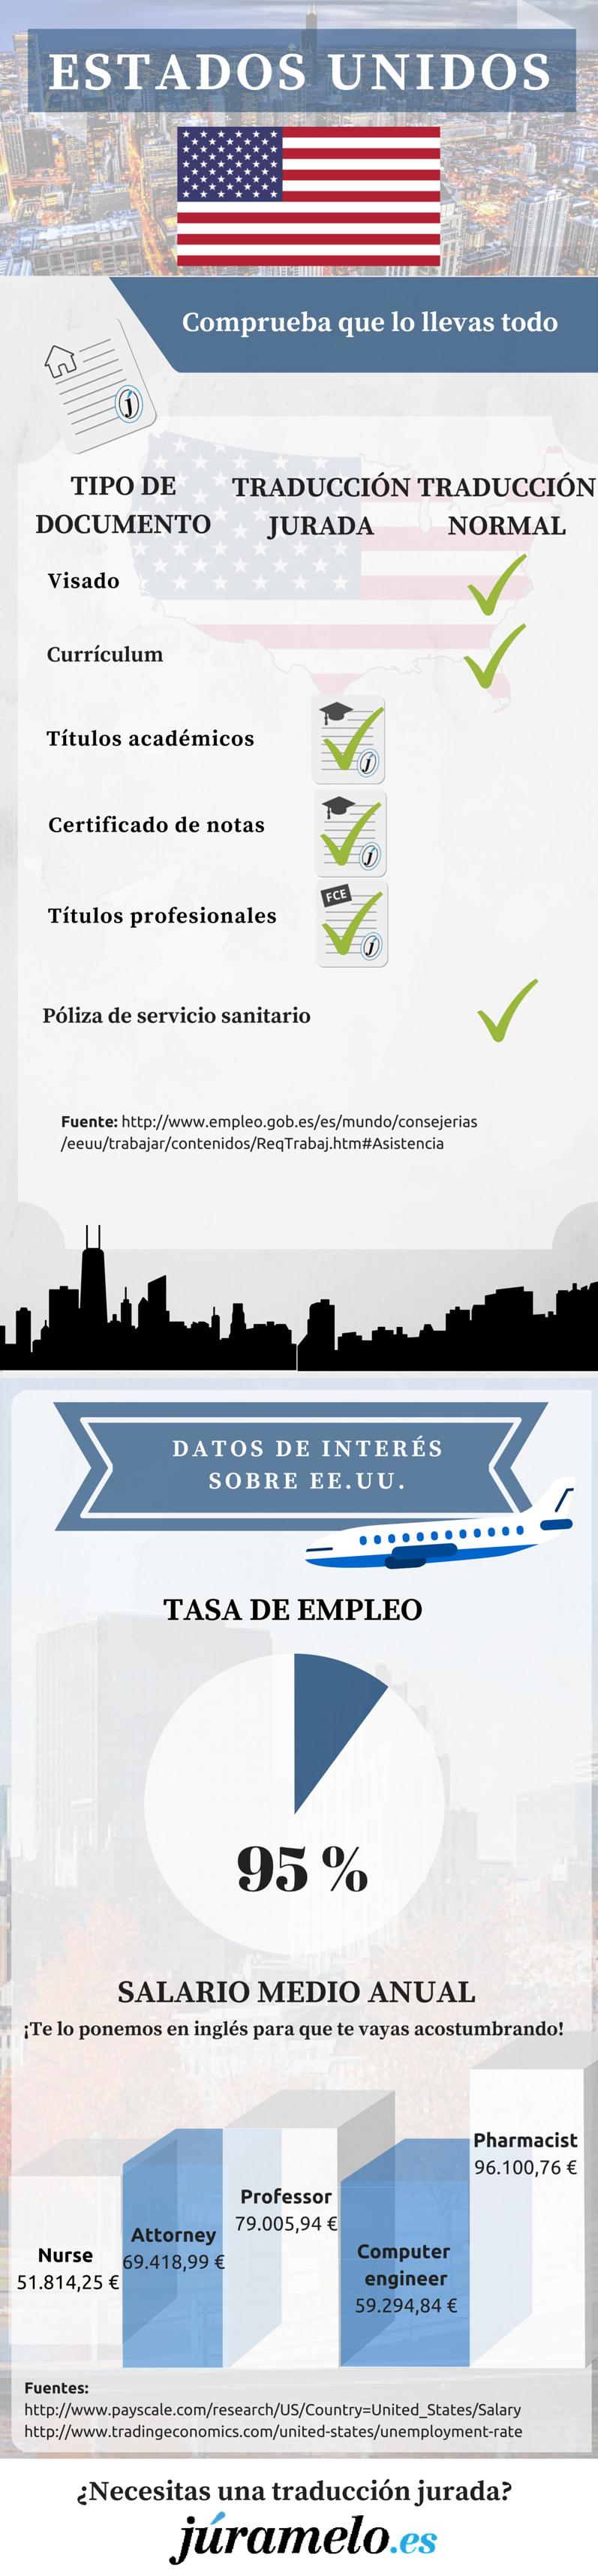 infografía de Júramelo sobre los documentos que necesitas en Estados Unidos y algún otro dato de interés.